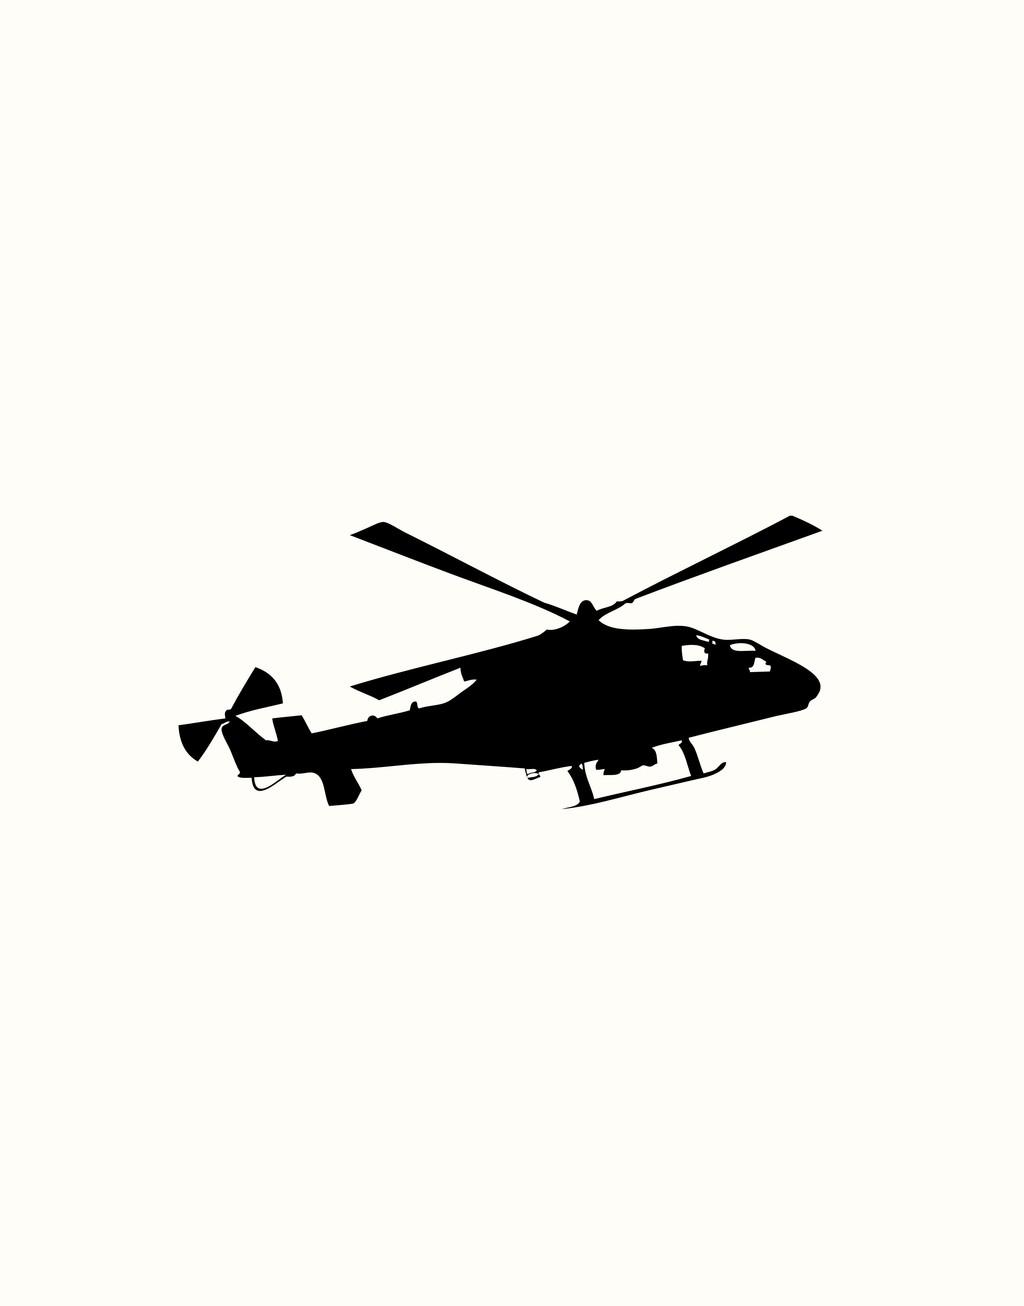 直升飞机黑白剪影模板下载 直升飞机黑白剪影图片下载 AI CDR 矢量图卡通素材 生活用品图案 招贴 设计元素 杯子印花 T恤印花 产品图案 节日贺卡元素 平面设计稿 抽象几何 生活元素 卡通交通工具 背景图案 黑白 剪影 黑白剪影 直升飞机